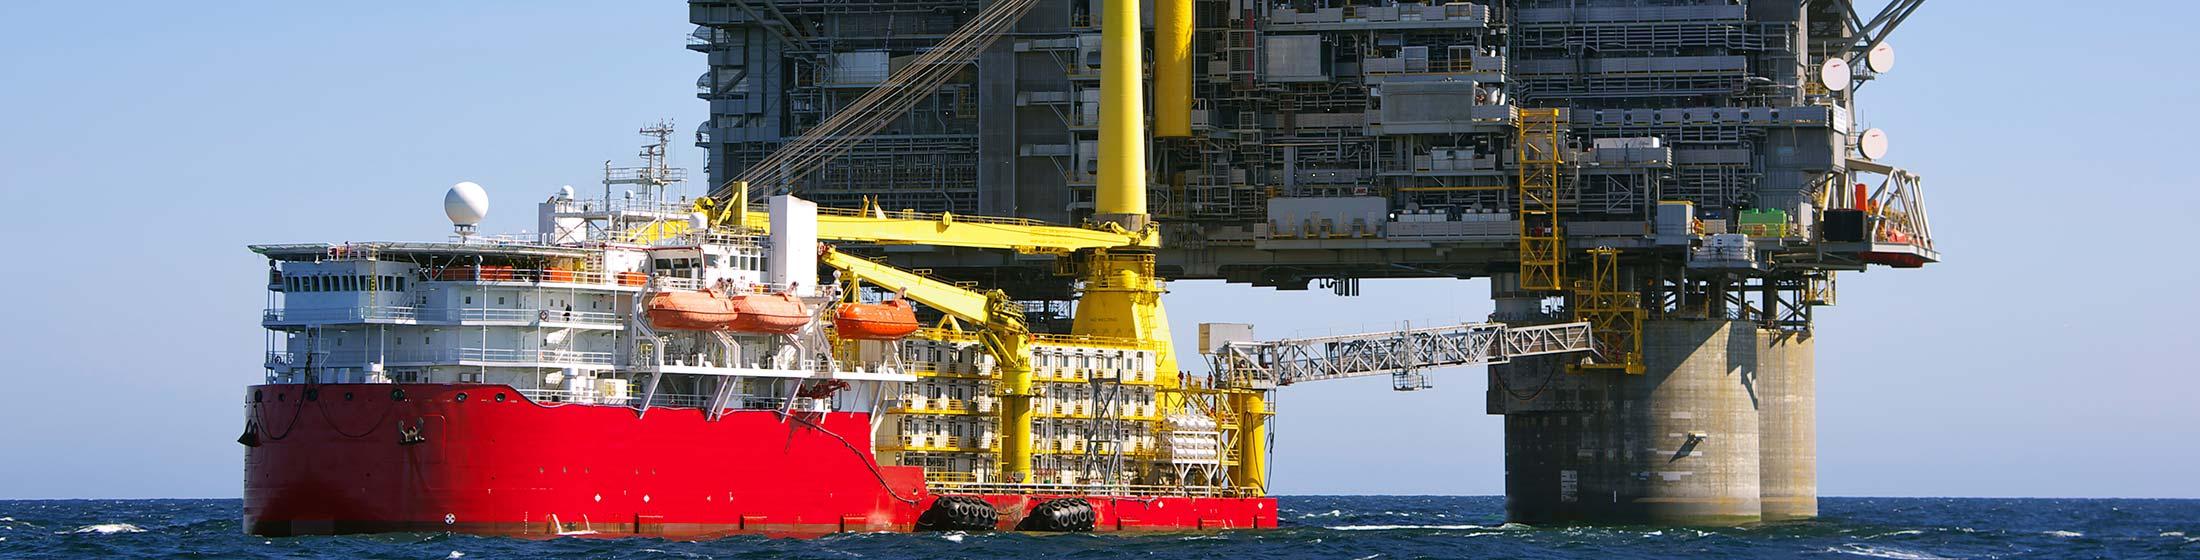 IMH - Industrial & Marine Hydraulics Ltd